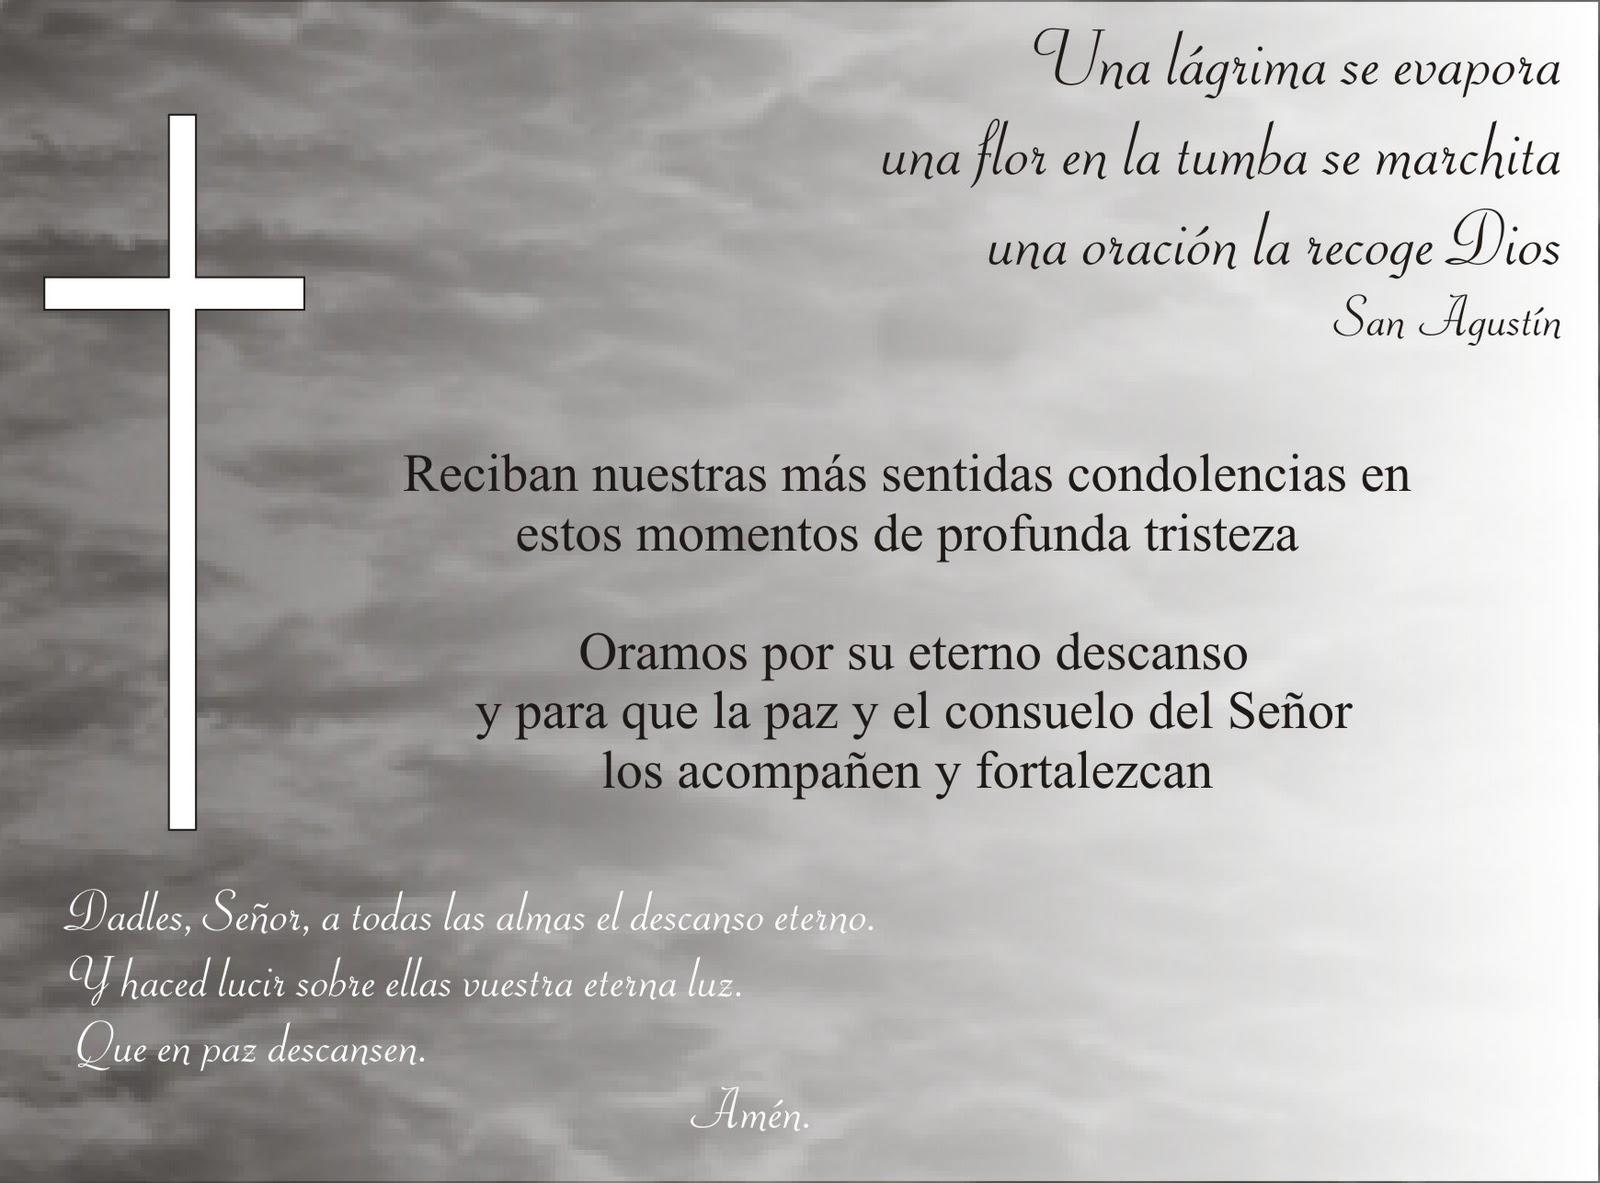 Tarjetas de Condolencias, Agradecimiento, Aniversario de